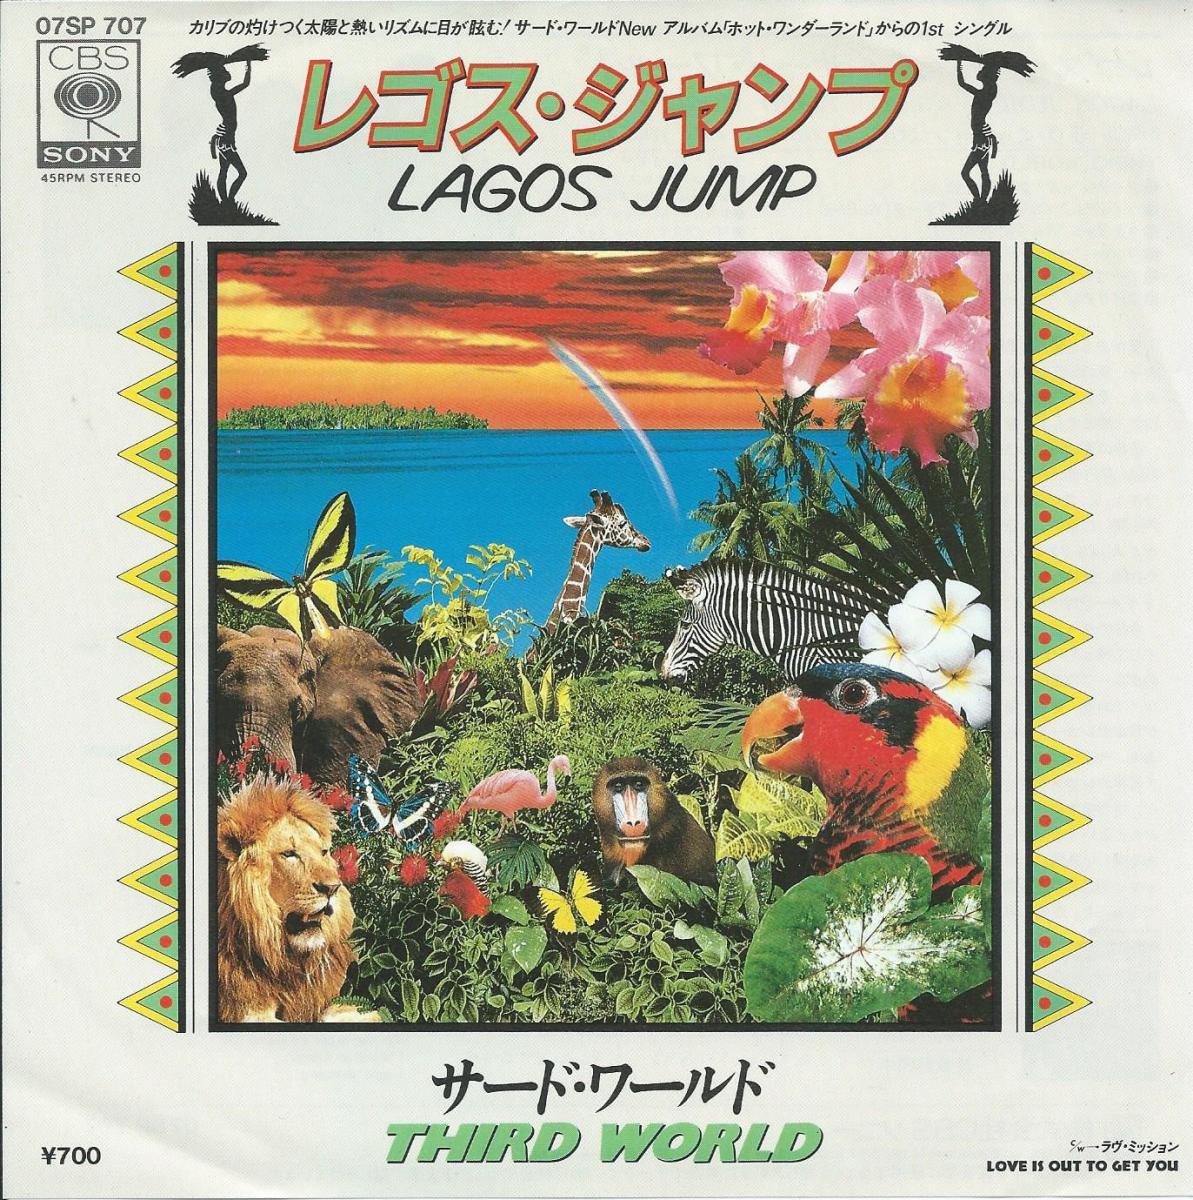 サード・ワールド THIRD WORLD / レゴス・ジャンプ LAGOS JUMP / ラヴ・ミッション LOVE IS OUT TO GET YOU (7